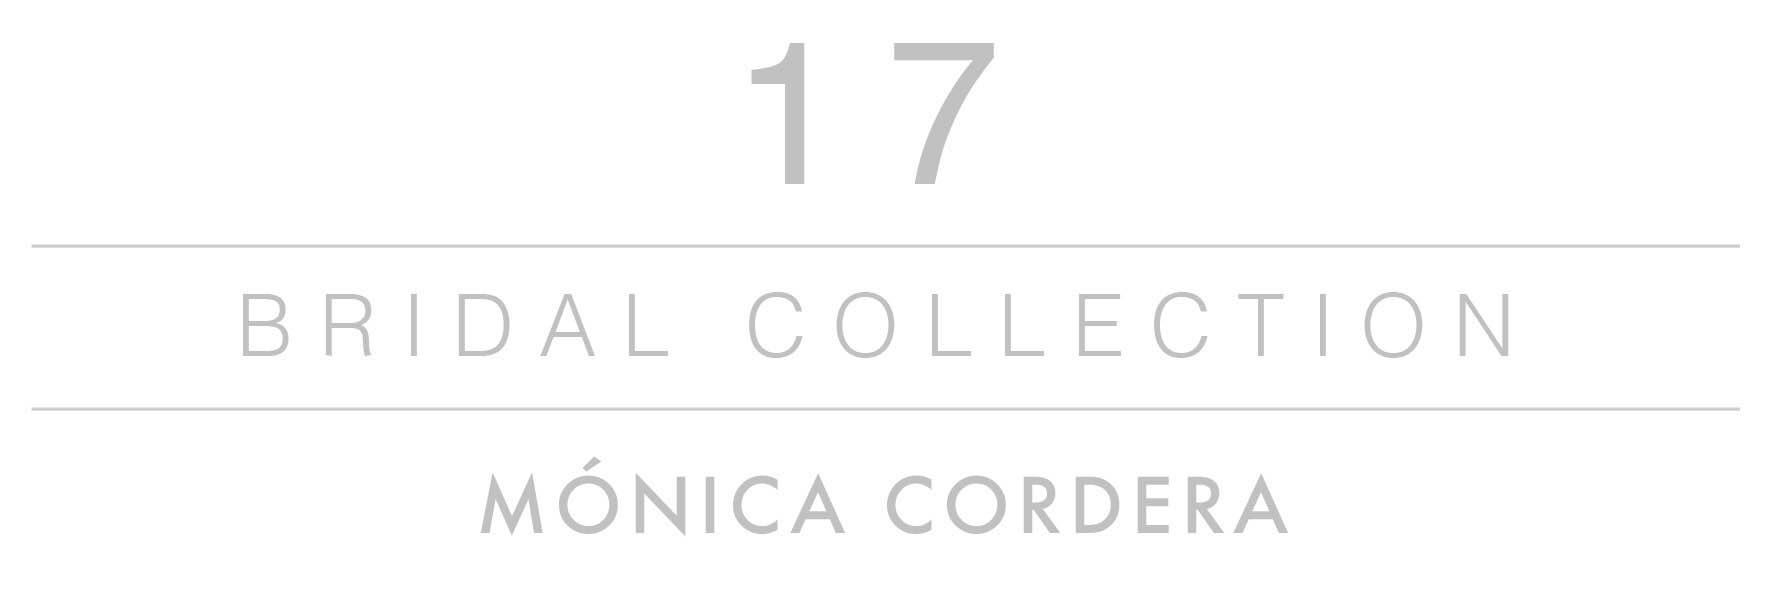 Bridal Collection Mónica Cordera